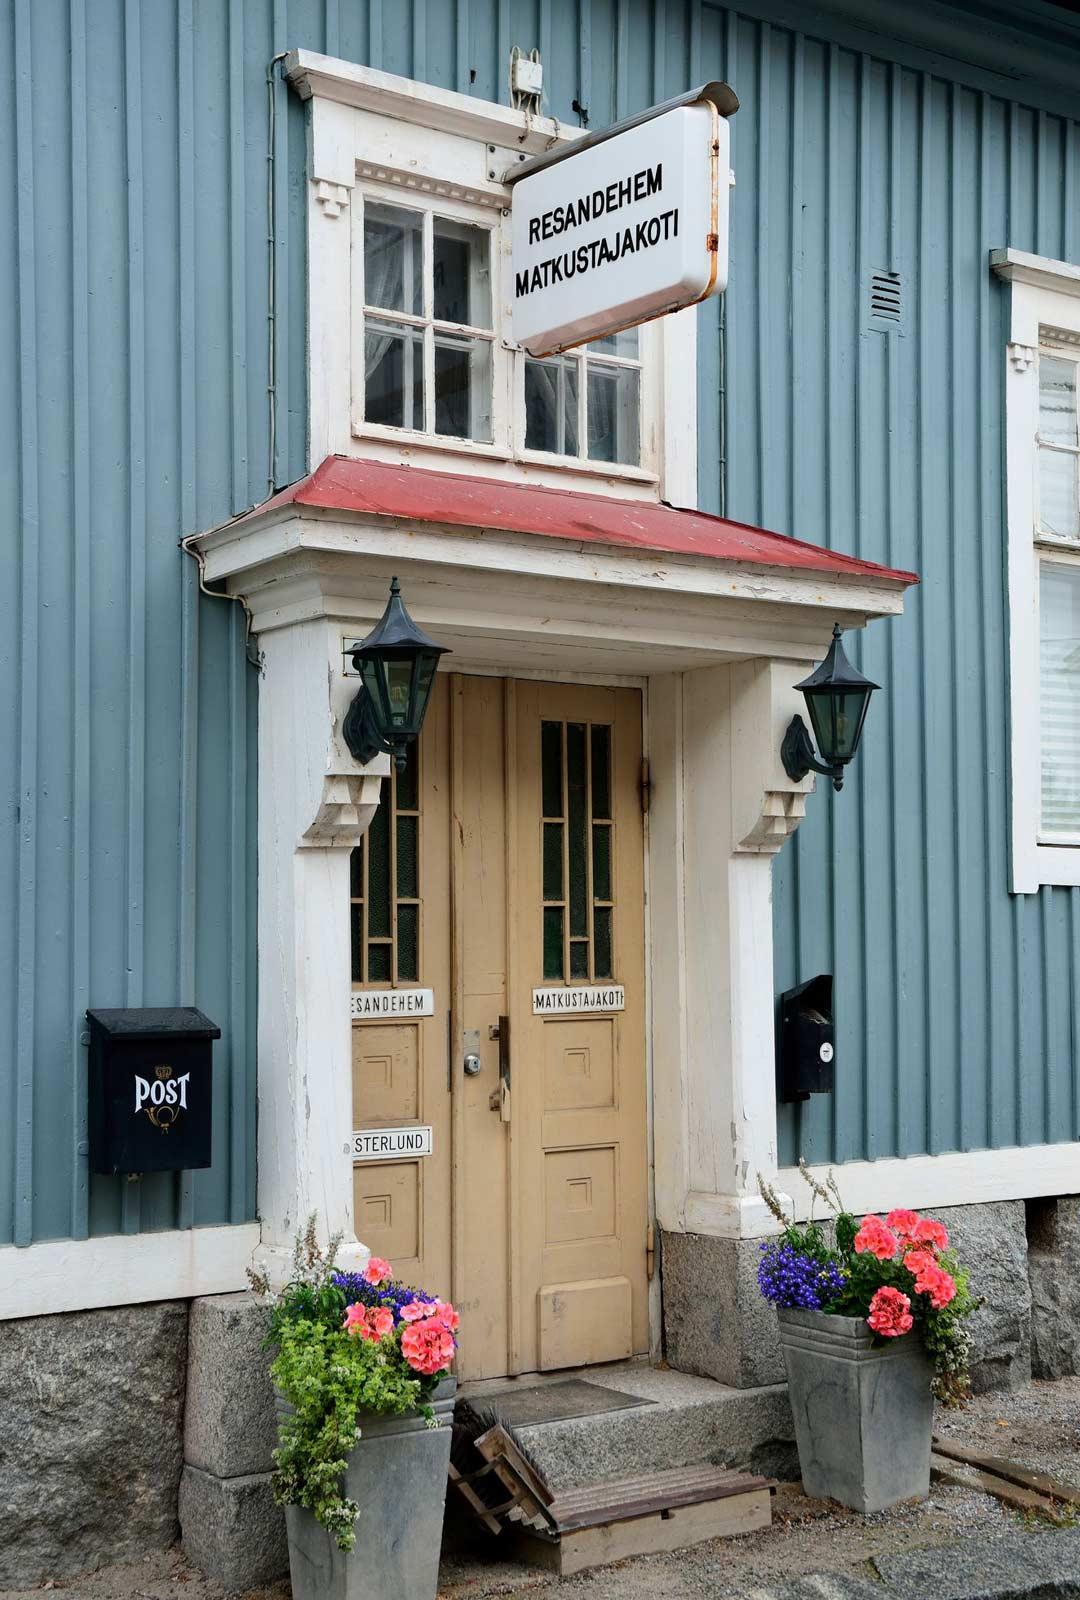 Pietarsaaren idyllisessä vanhassa kaupungissa voi majoittua perinteisessä matkustajakodissa.